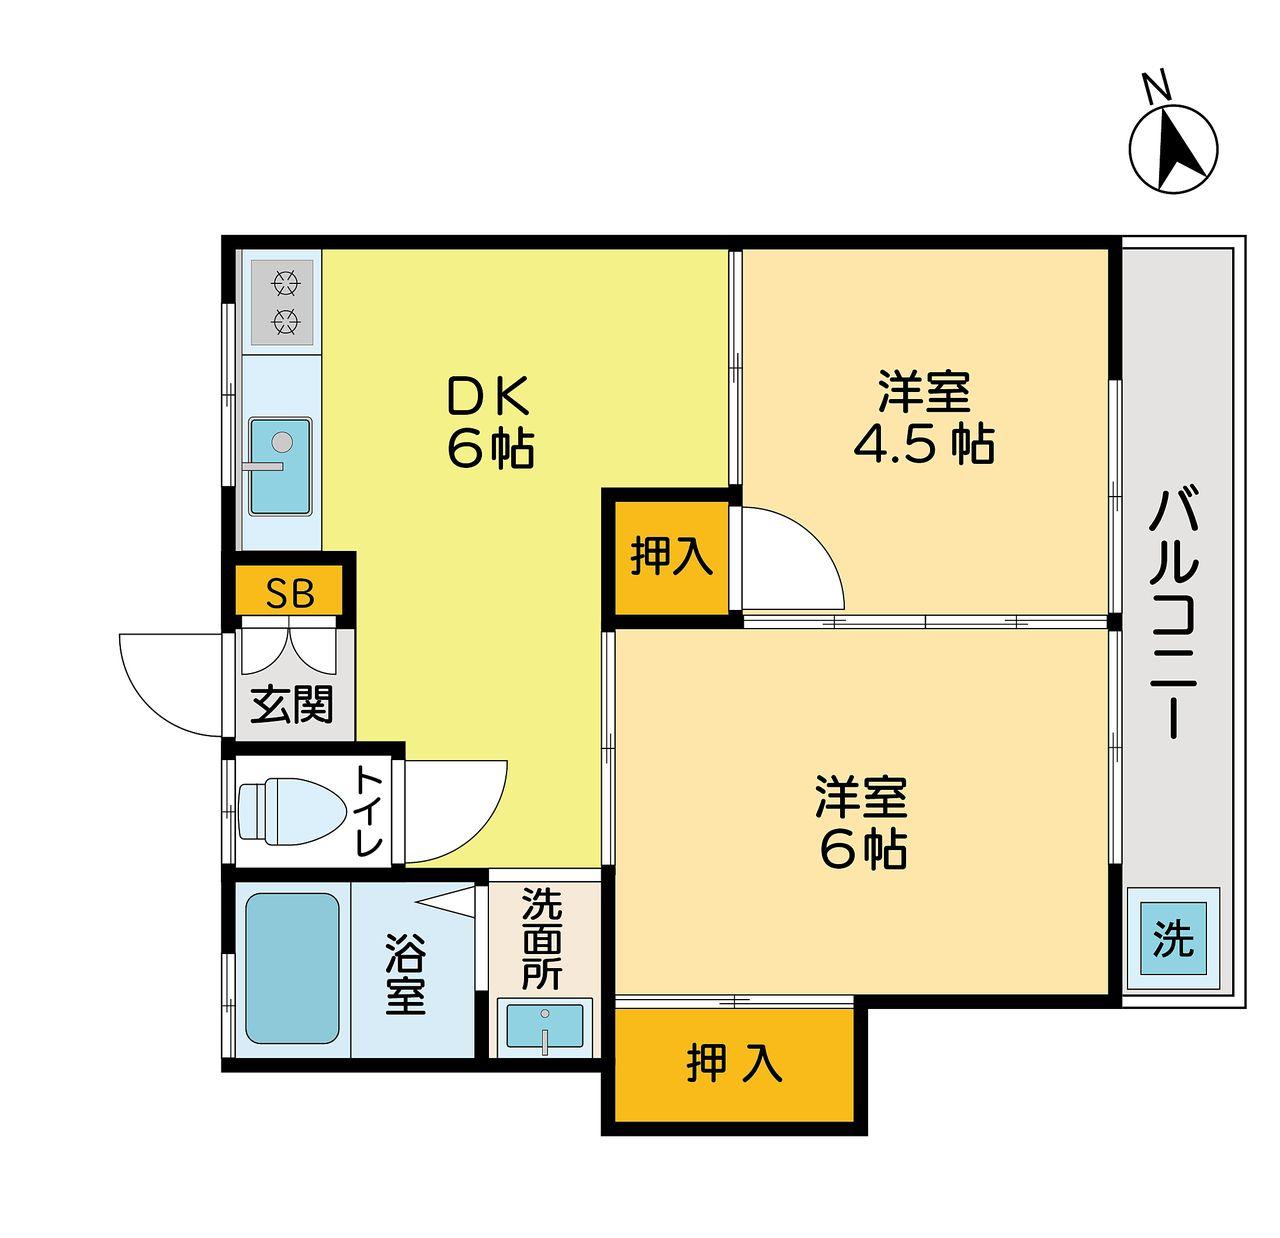 立川市柴崎町の2DKアパート